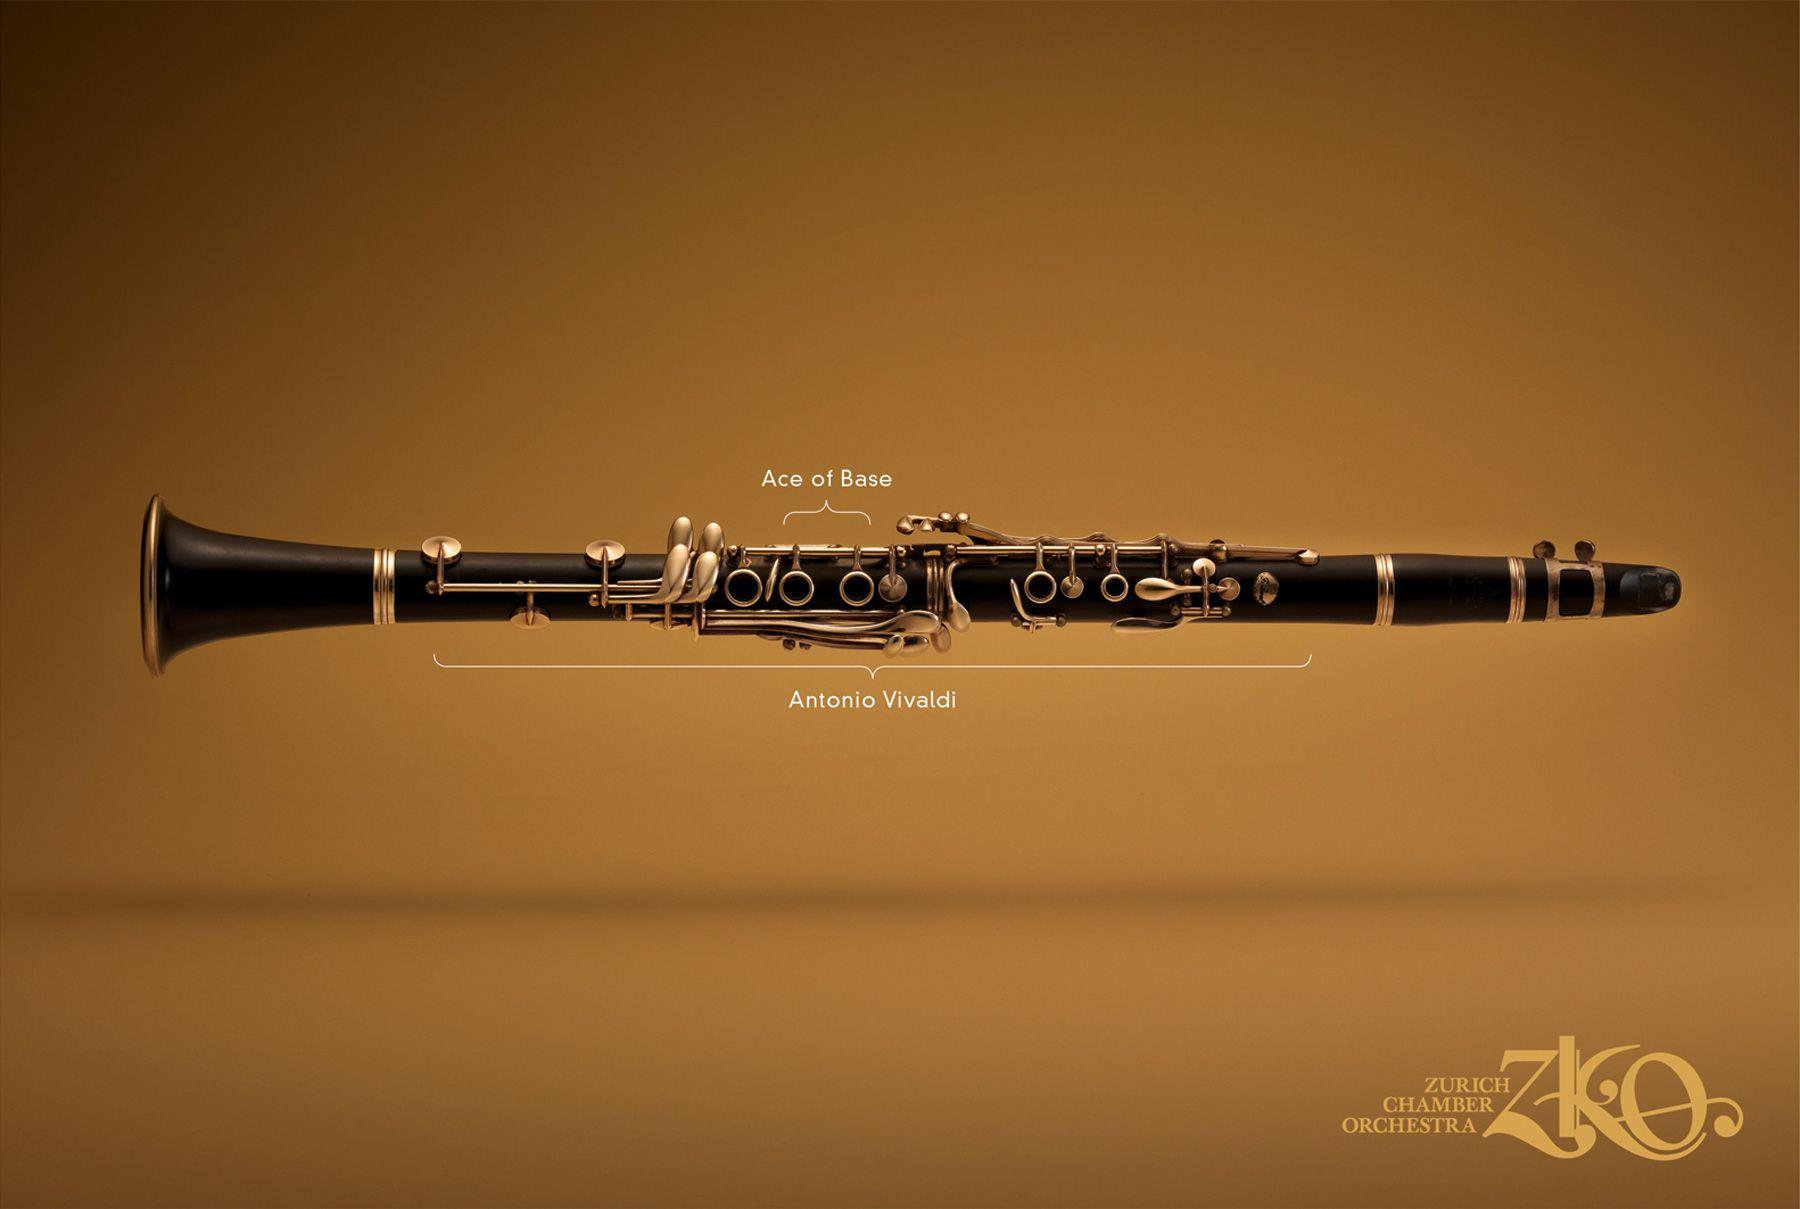 Zurich Chamber Orchestra: Clarinet